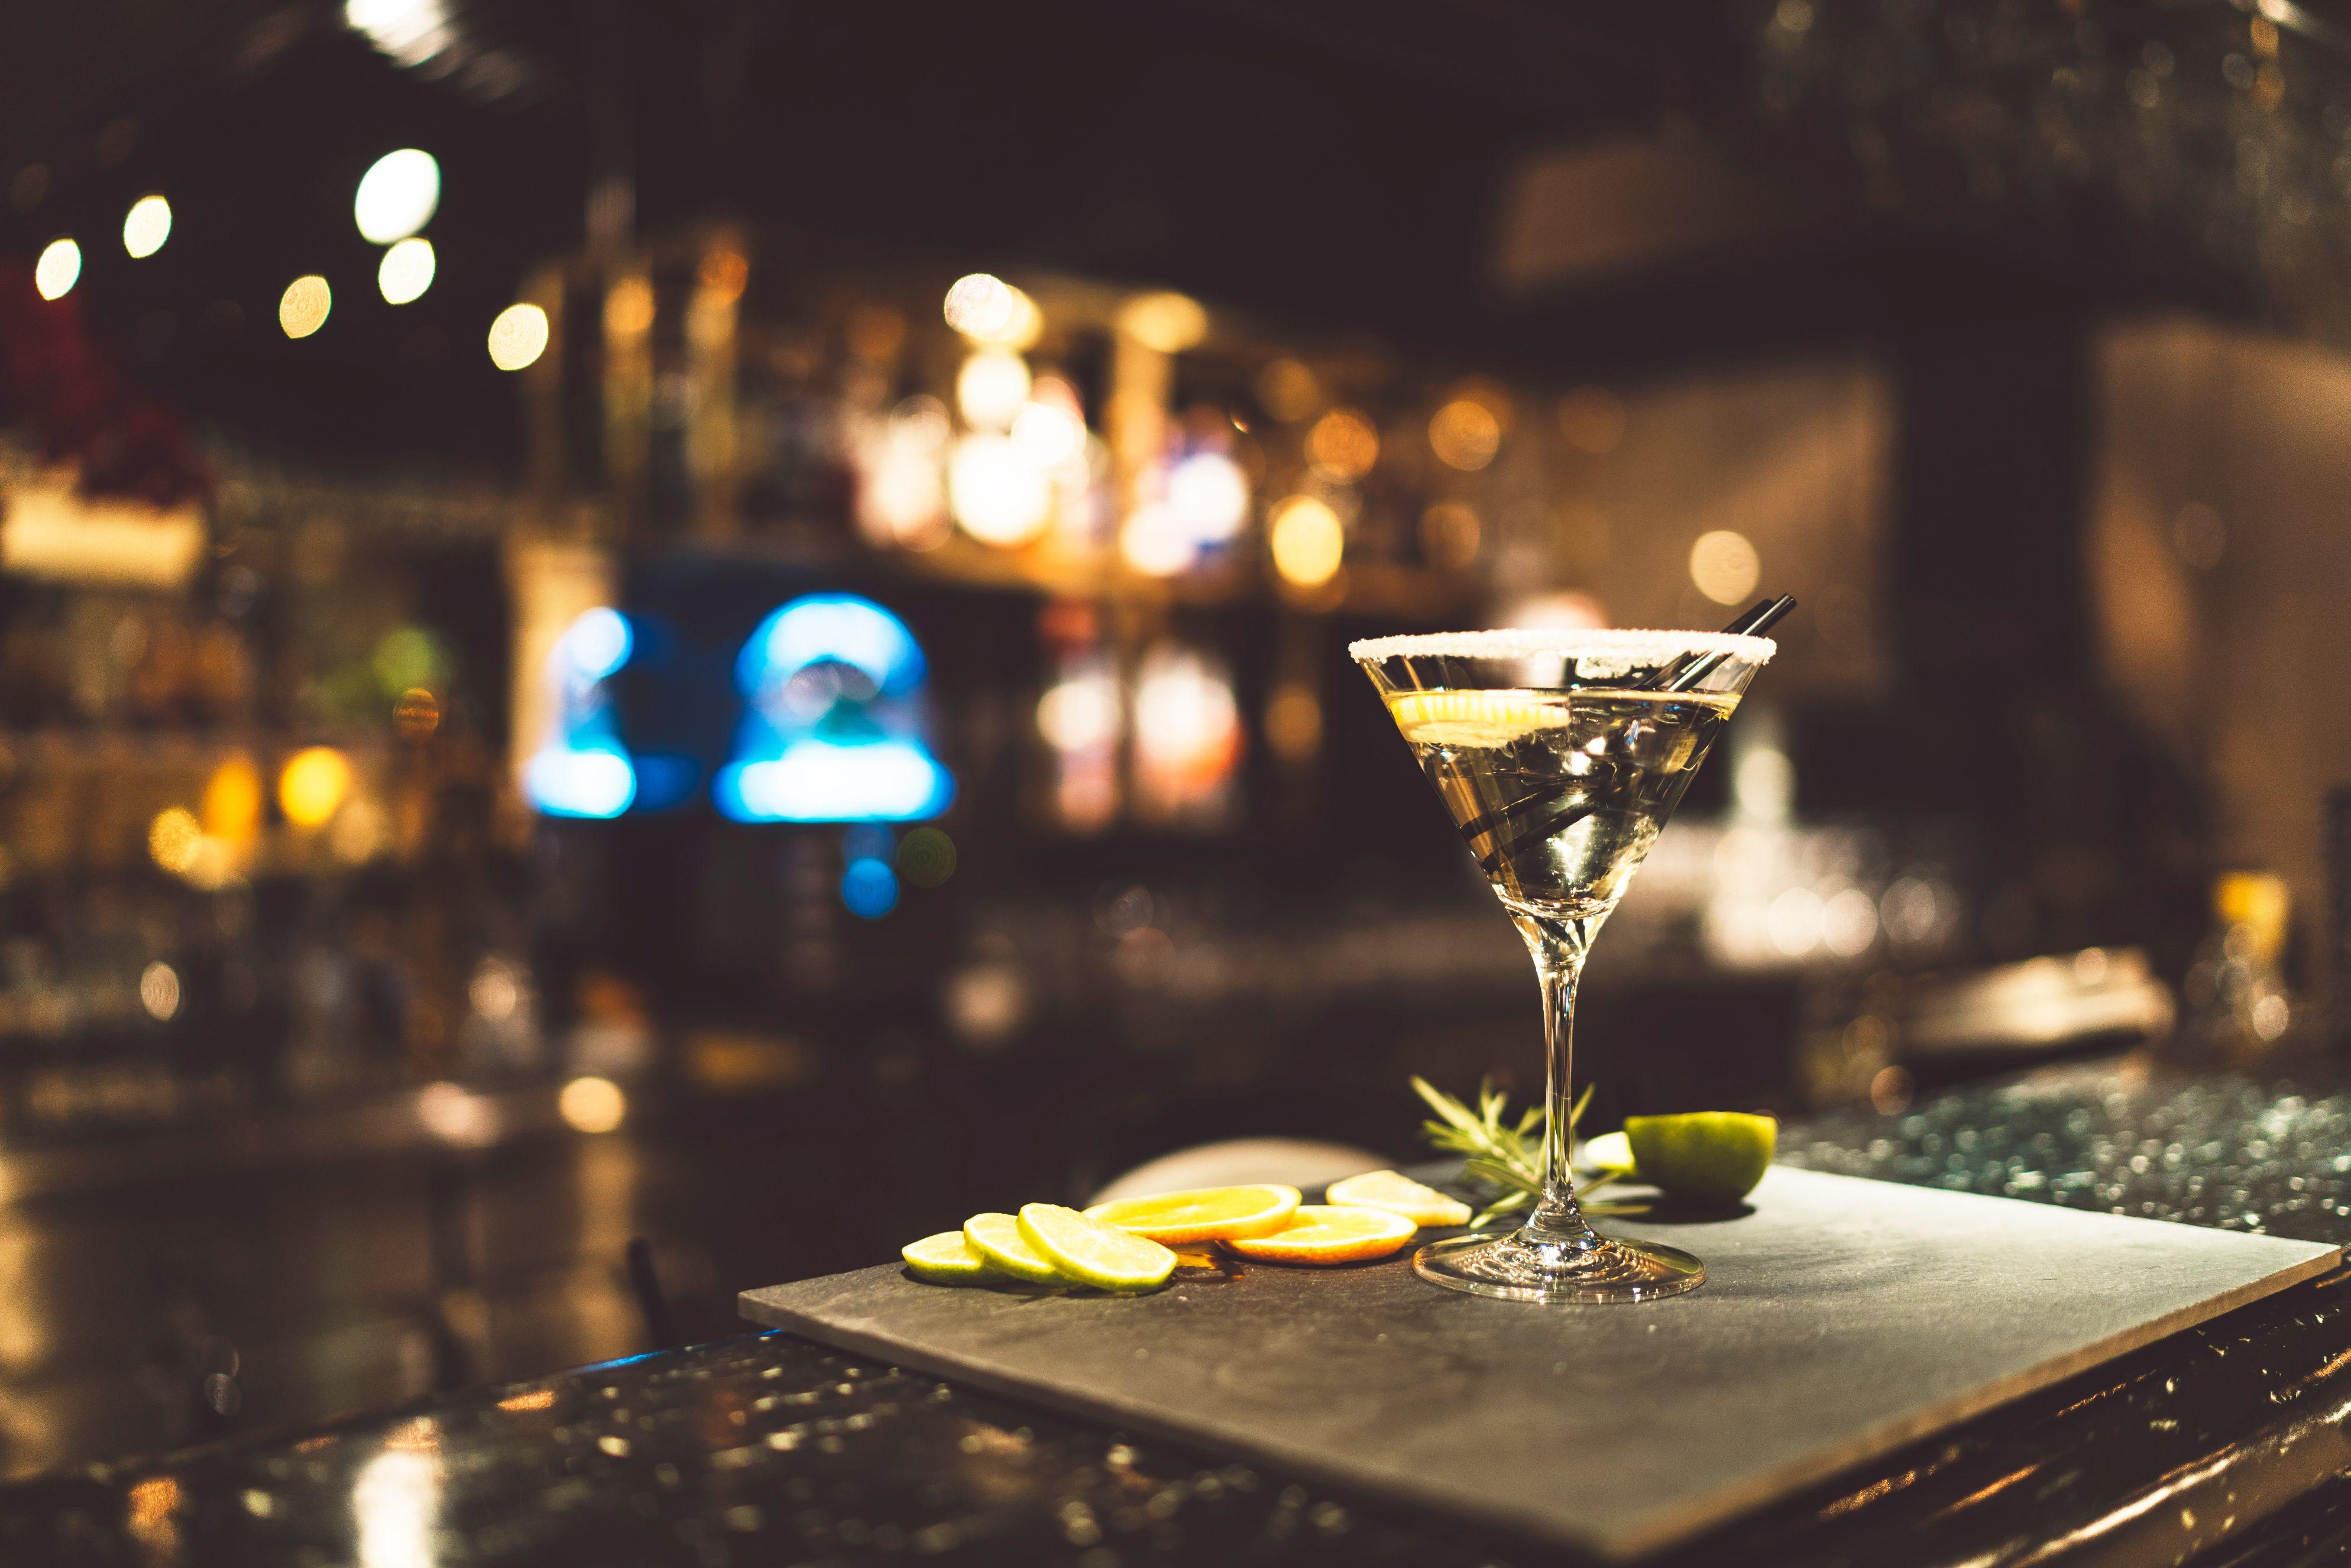 バーで出会いの機会を作るには?振る舞い方やバーの選び方を紹介!